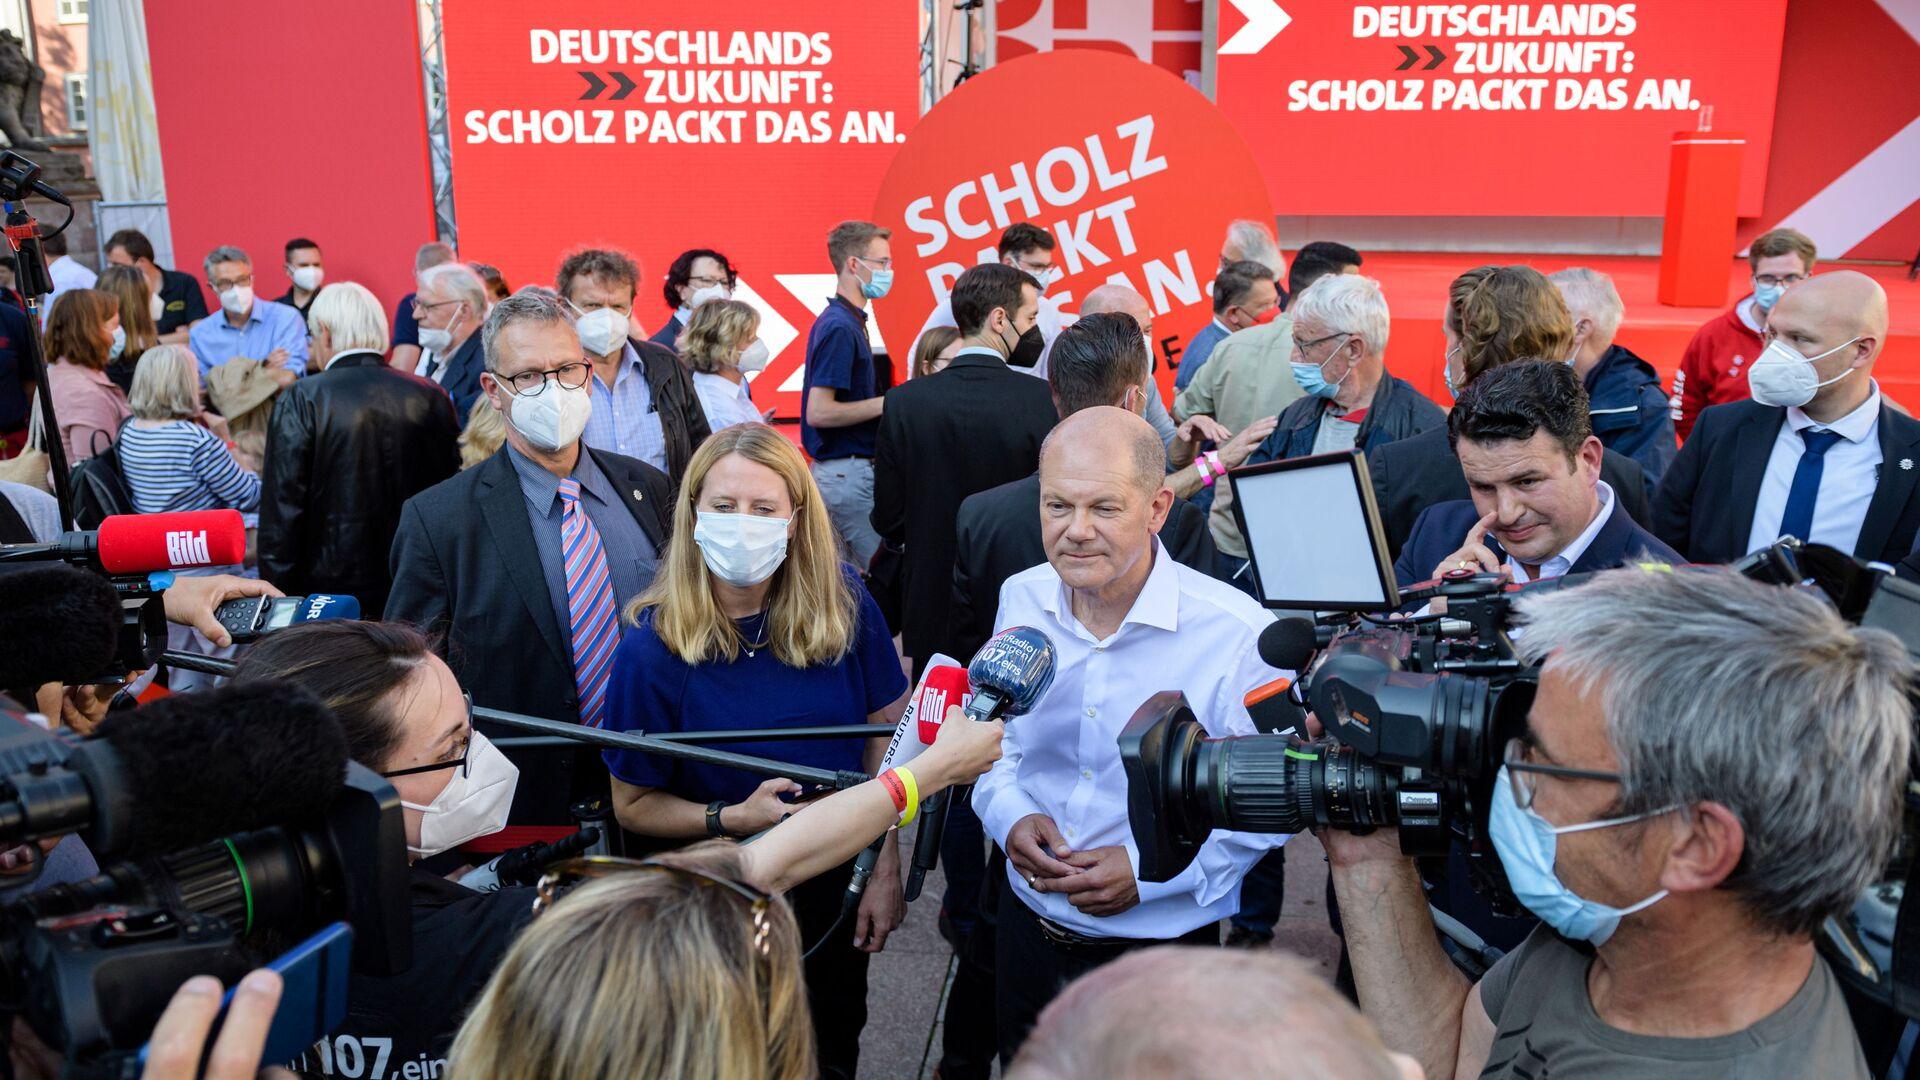 Vicekancléř a hlavní kandidát SPD Olaf Scholz poskytuje rozhovor po předvolební kampani v německém Göttingenu - Sputnik Česká republika, 1920, 27.09.2021